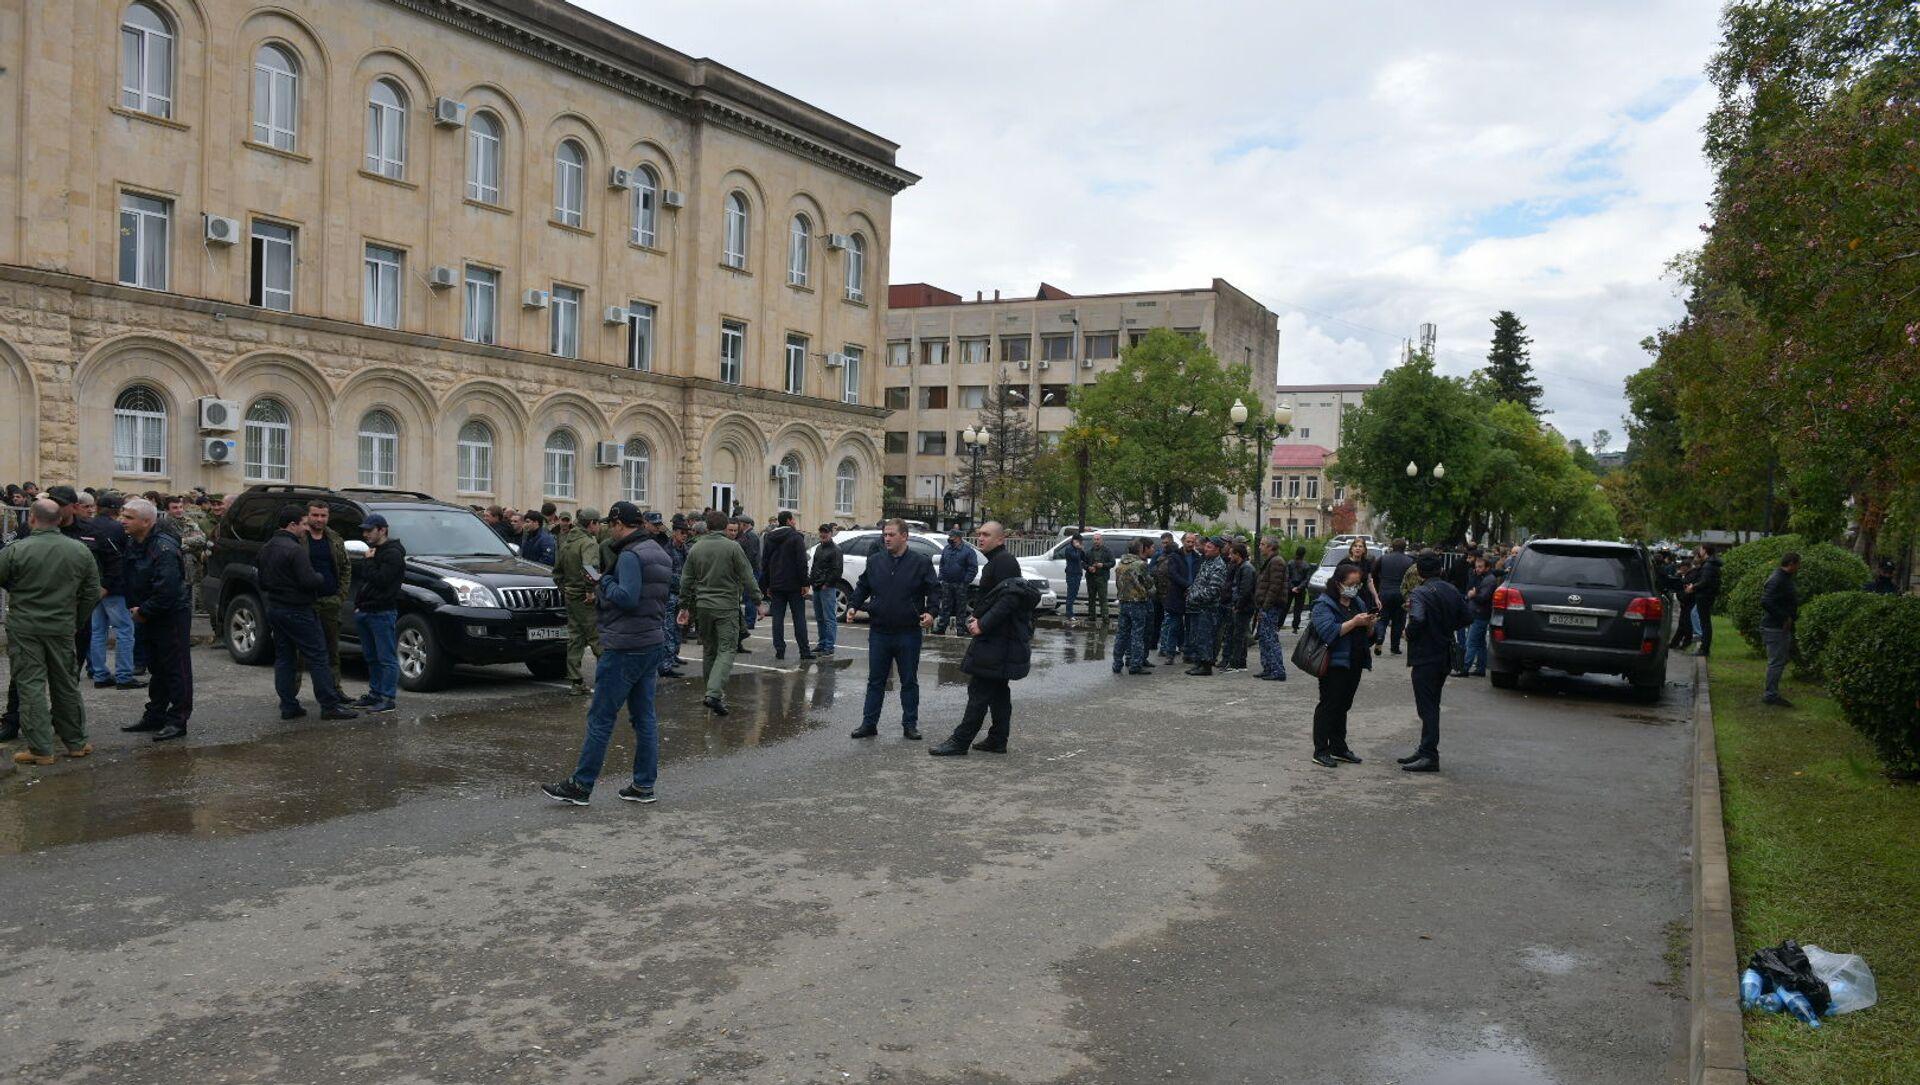 Обстановка вокруг здания Правительства  - Sputnik Абхазия, 1920, 04.10.2021